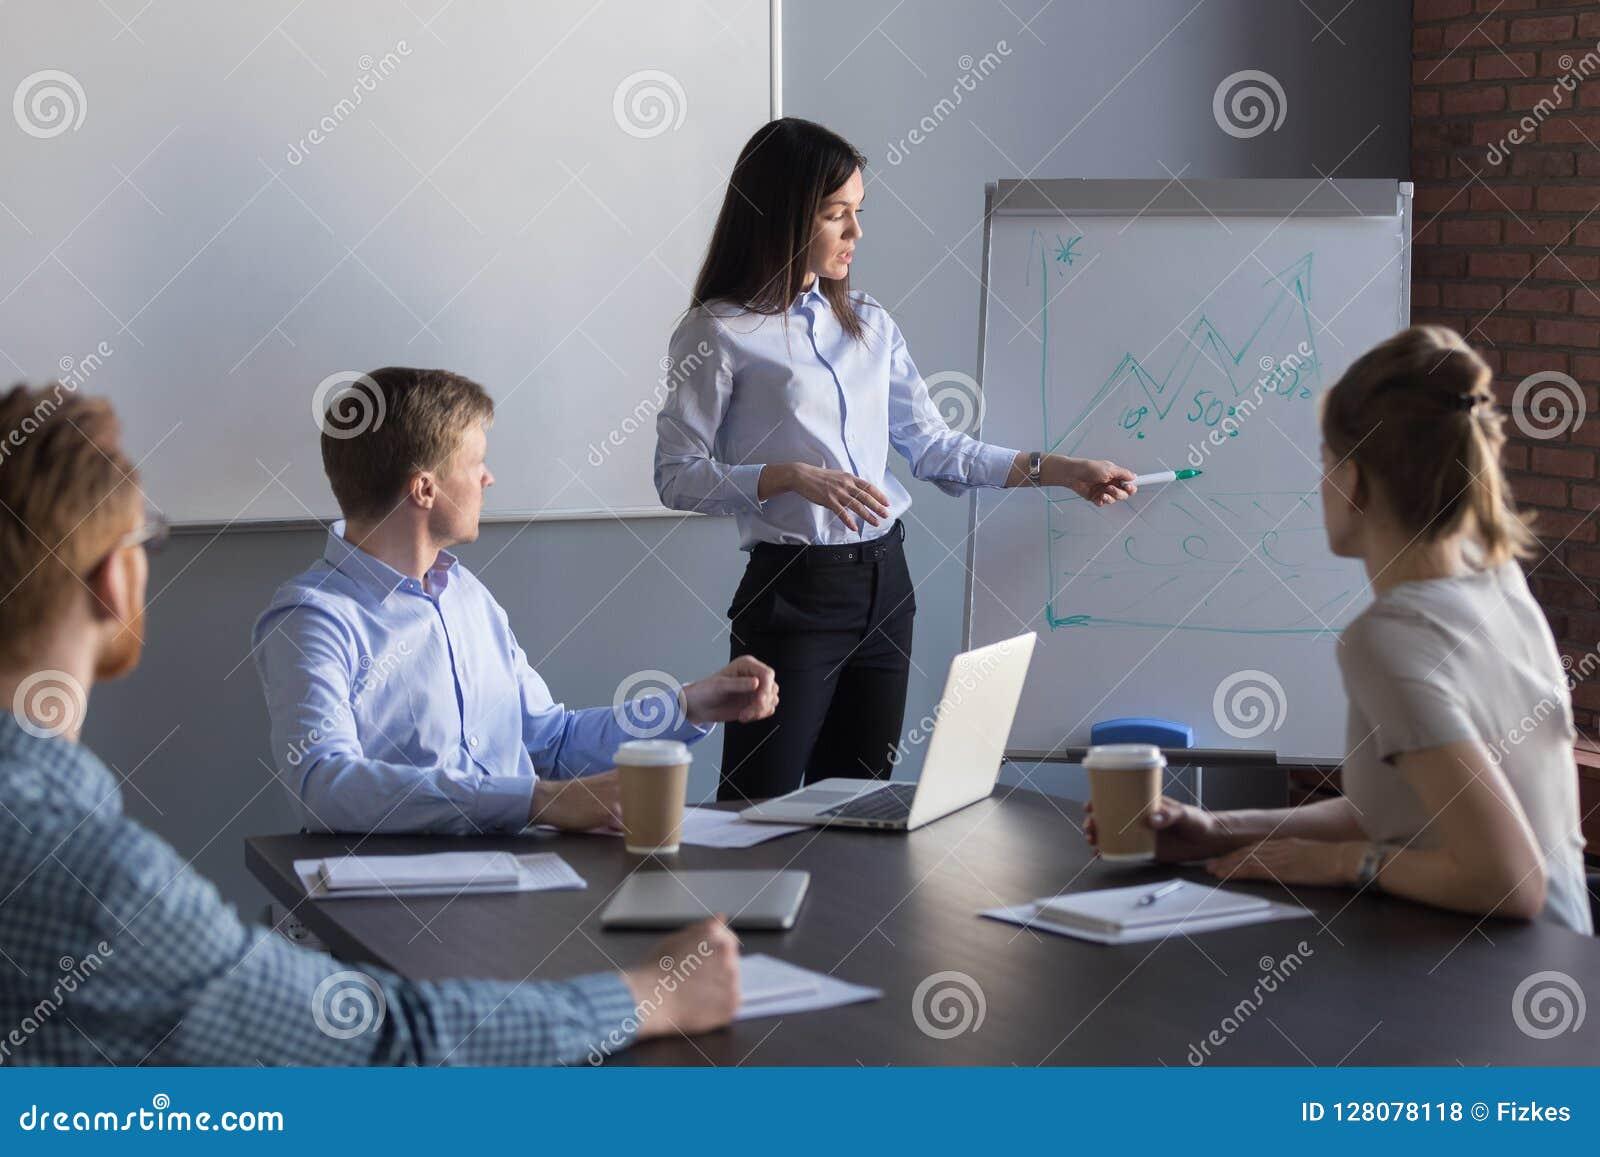 Säker kvinnlig lagledare som ger presentation i mötesrum